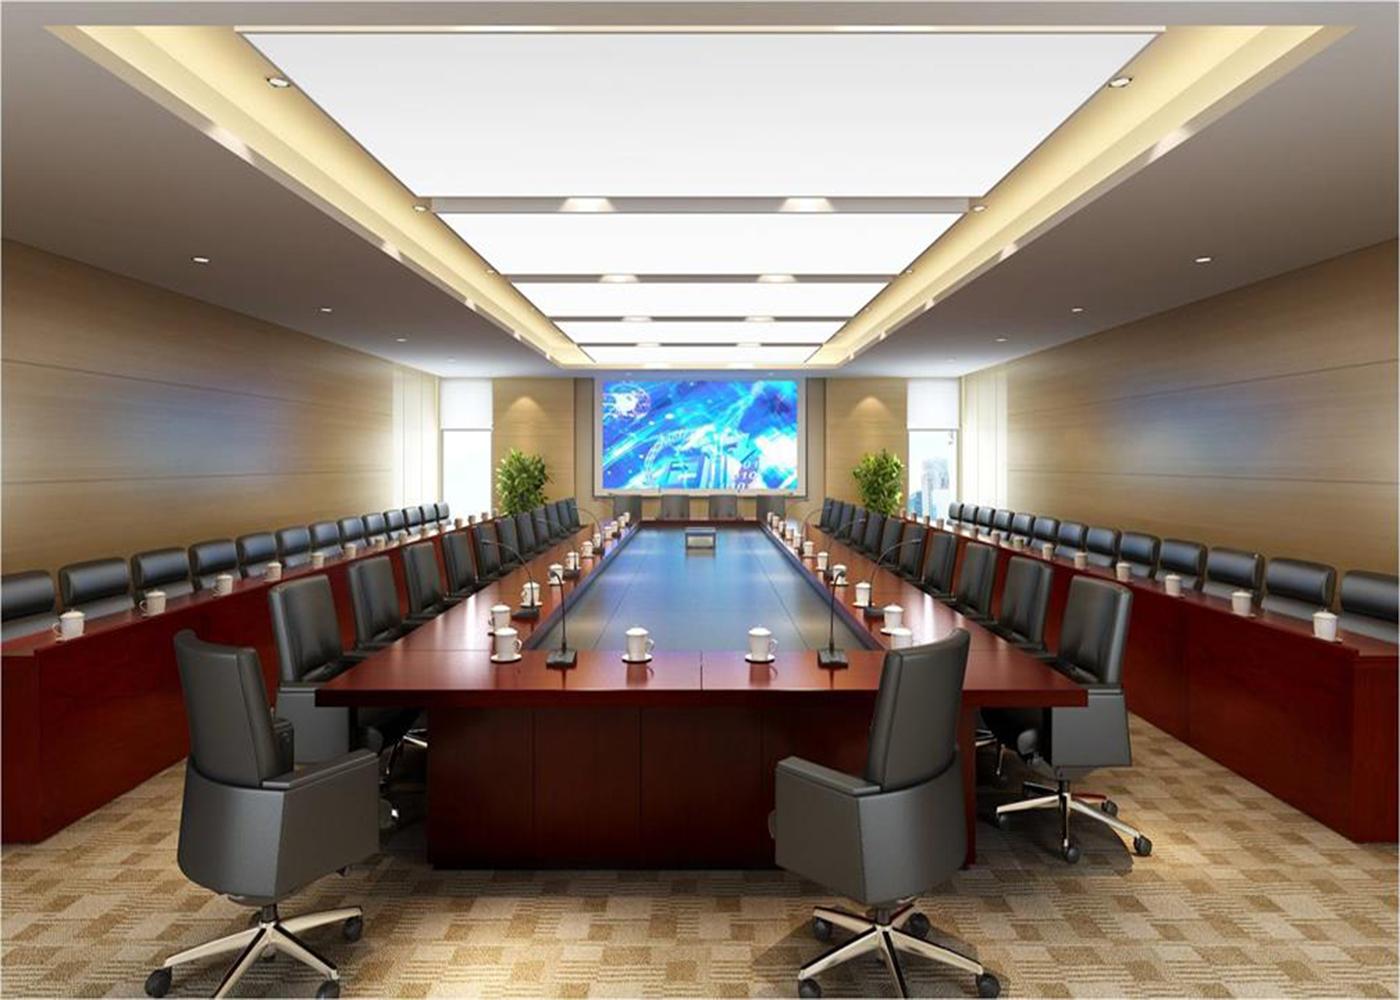 贝尔特会议桌A16,上海会议桌,【尺寸 价格 图片 品牌】